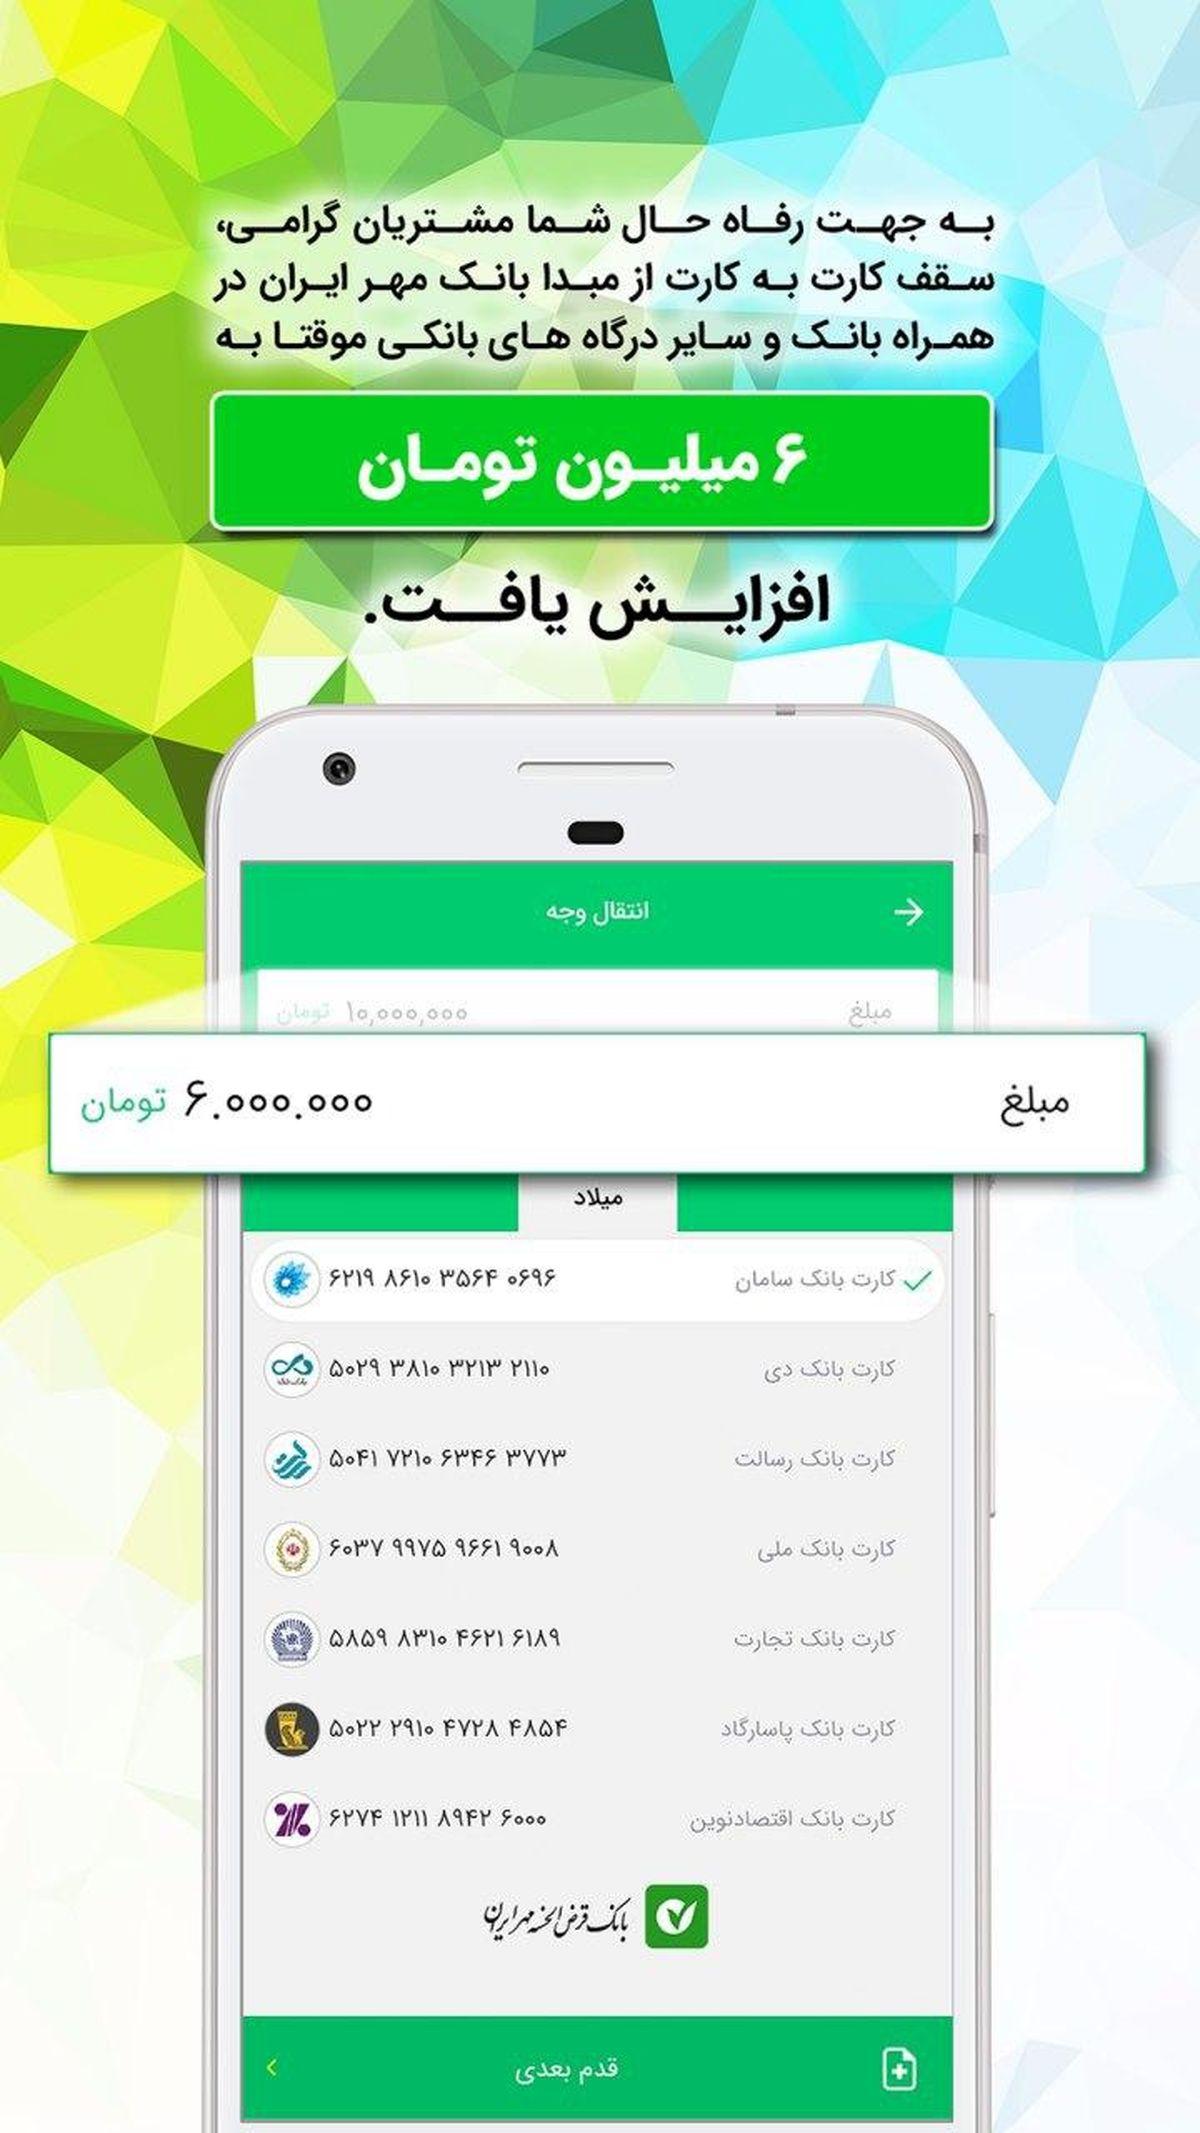 افزایش سقف مجاز انتقال وجه کارت به کارت در بانک مهر ایران